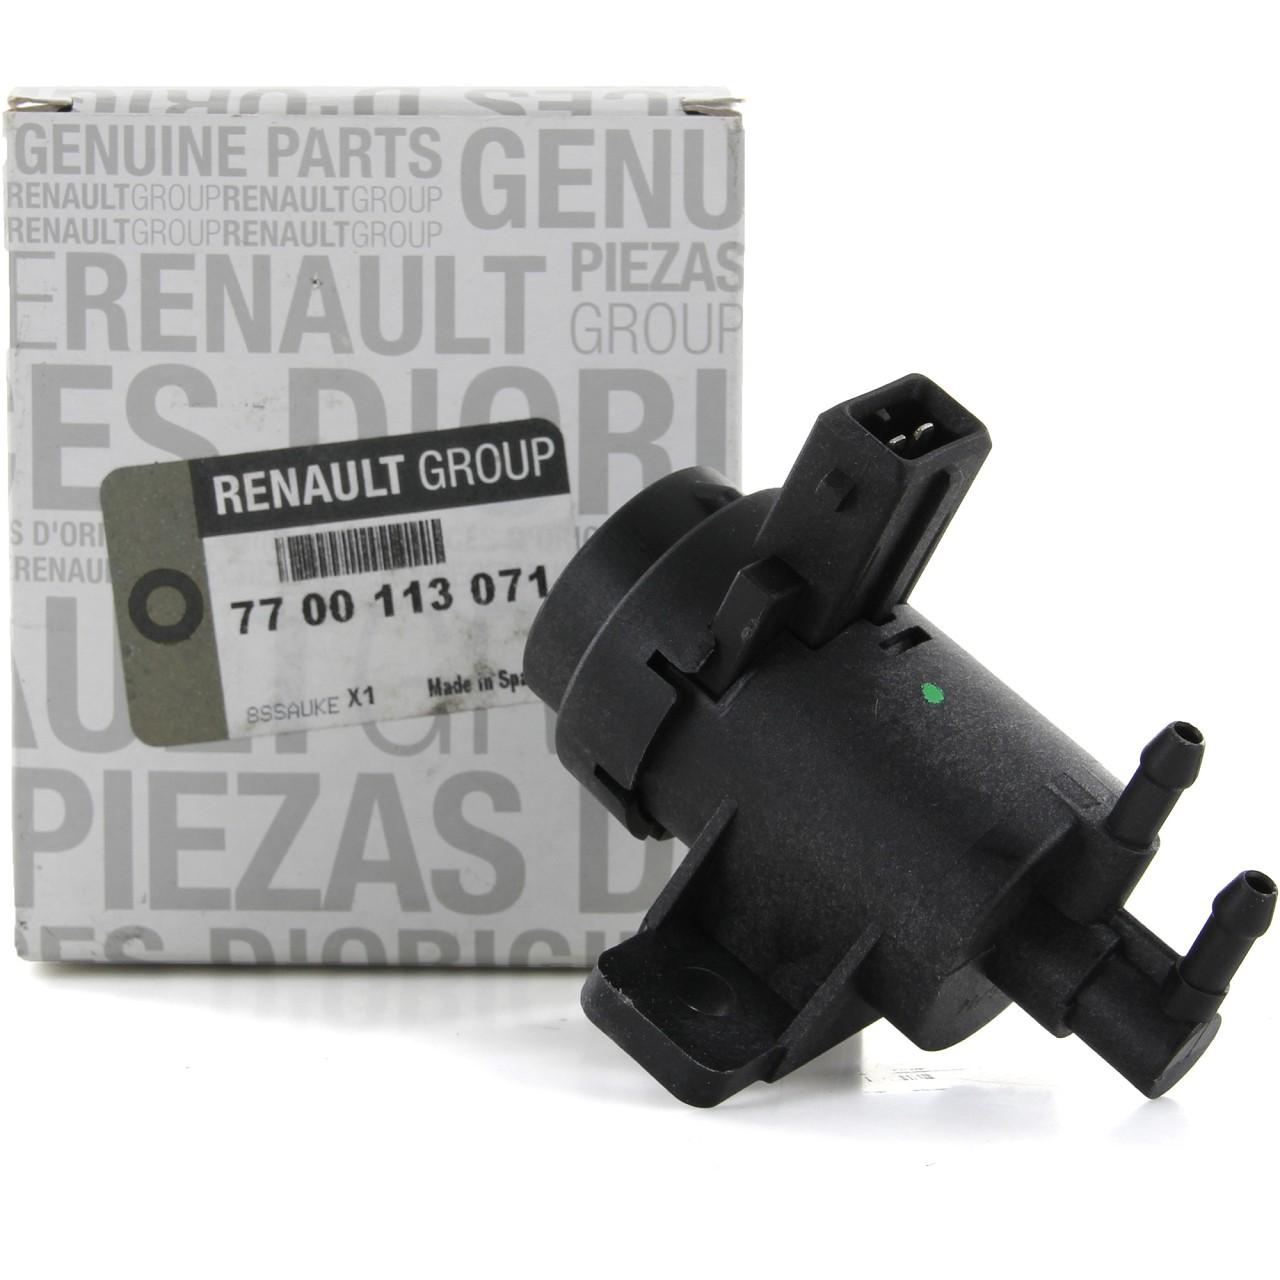 ORIGINAL Renault Druckwandler Magnetventil Elektroventil Turbolader 7700113071